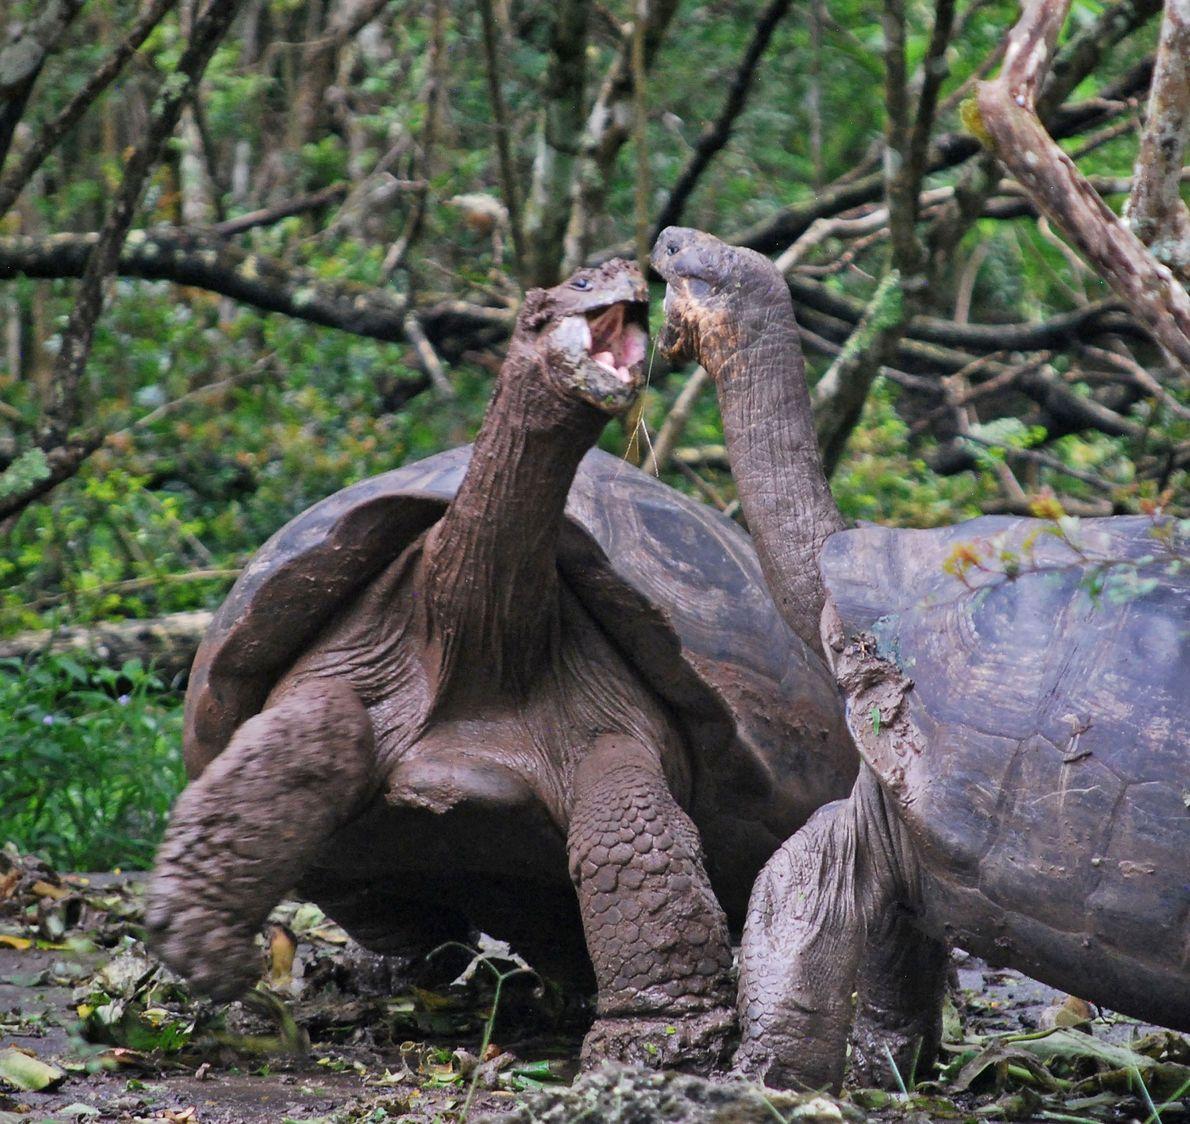 Prise de bec entre deux tortues des Galápagos sur les Îles Galápagos.